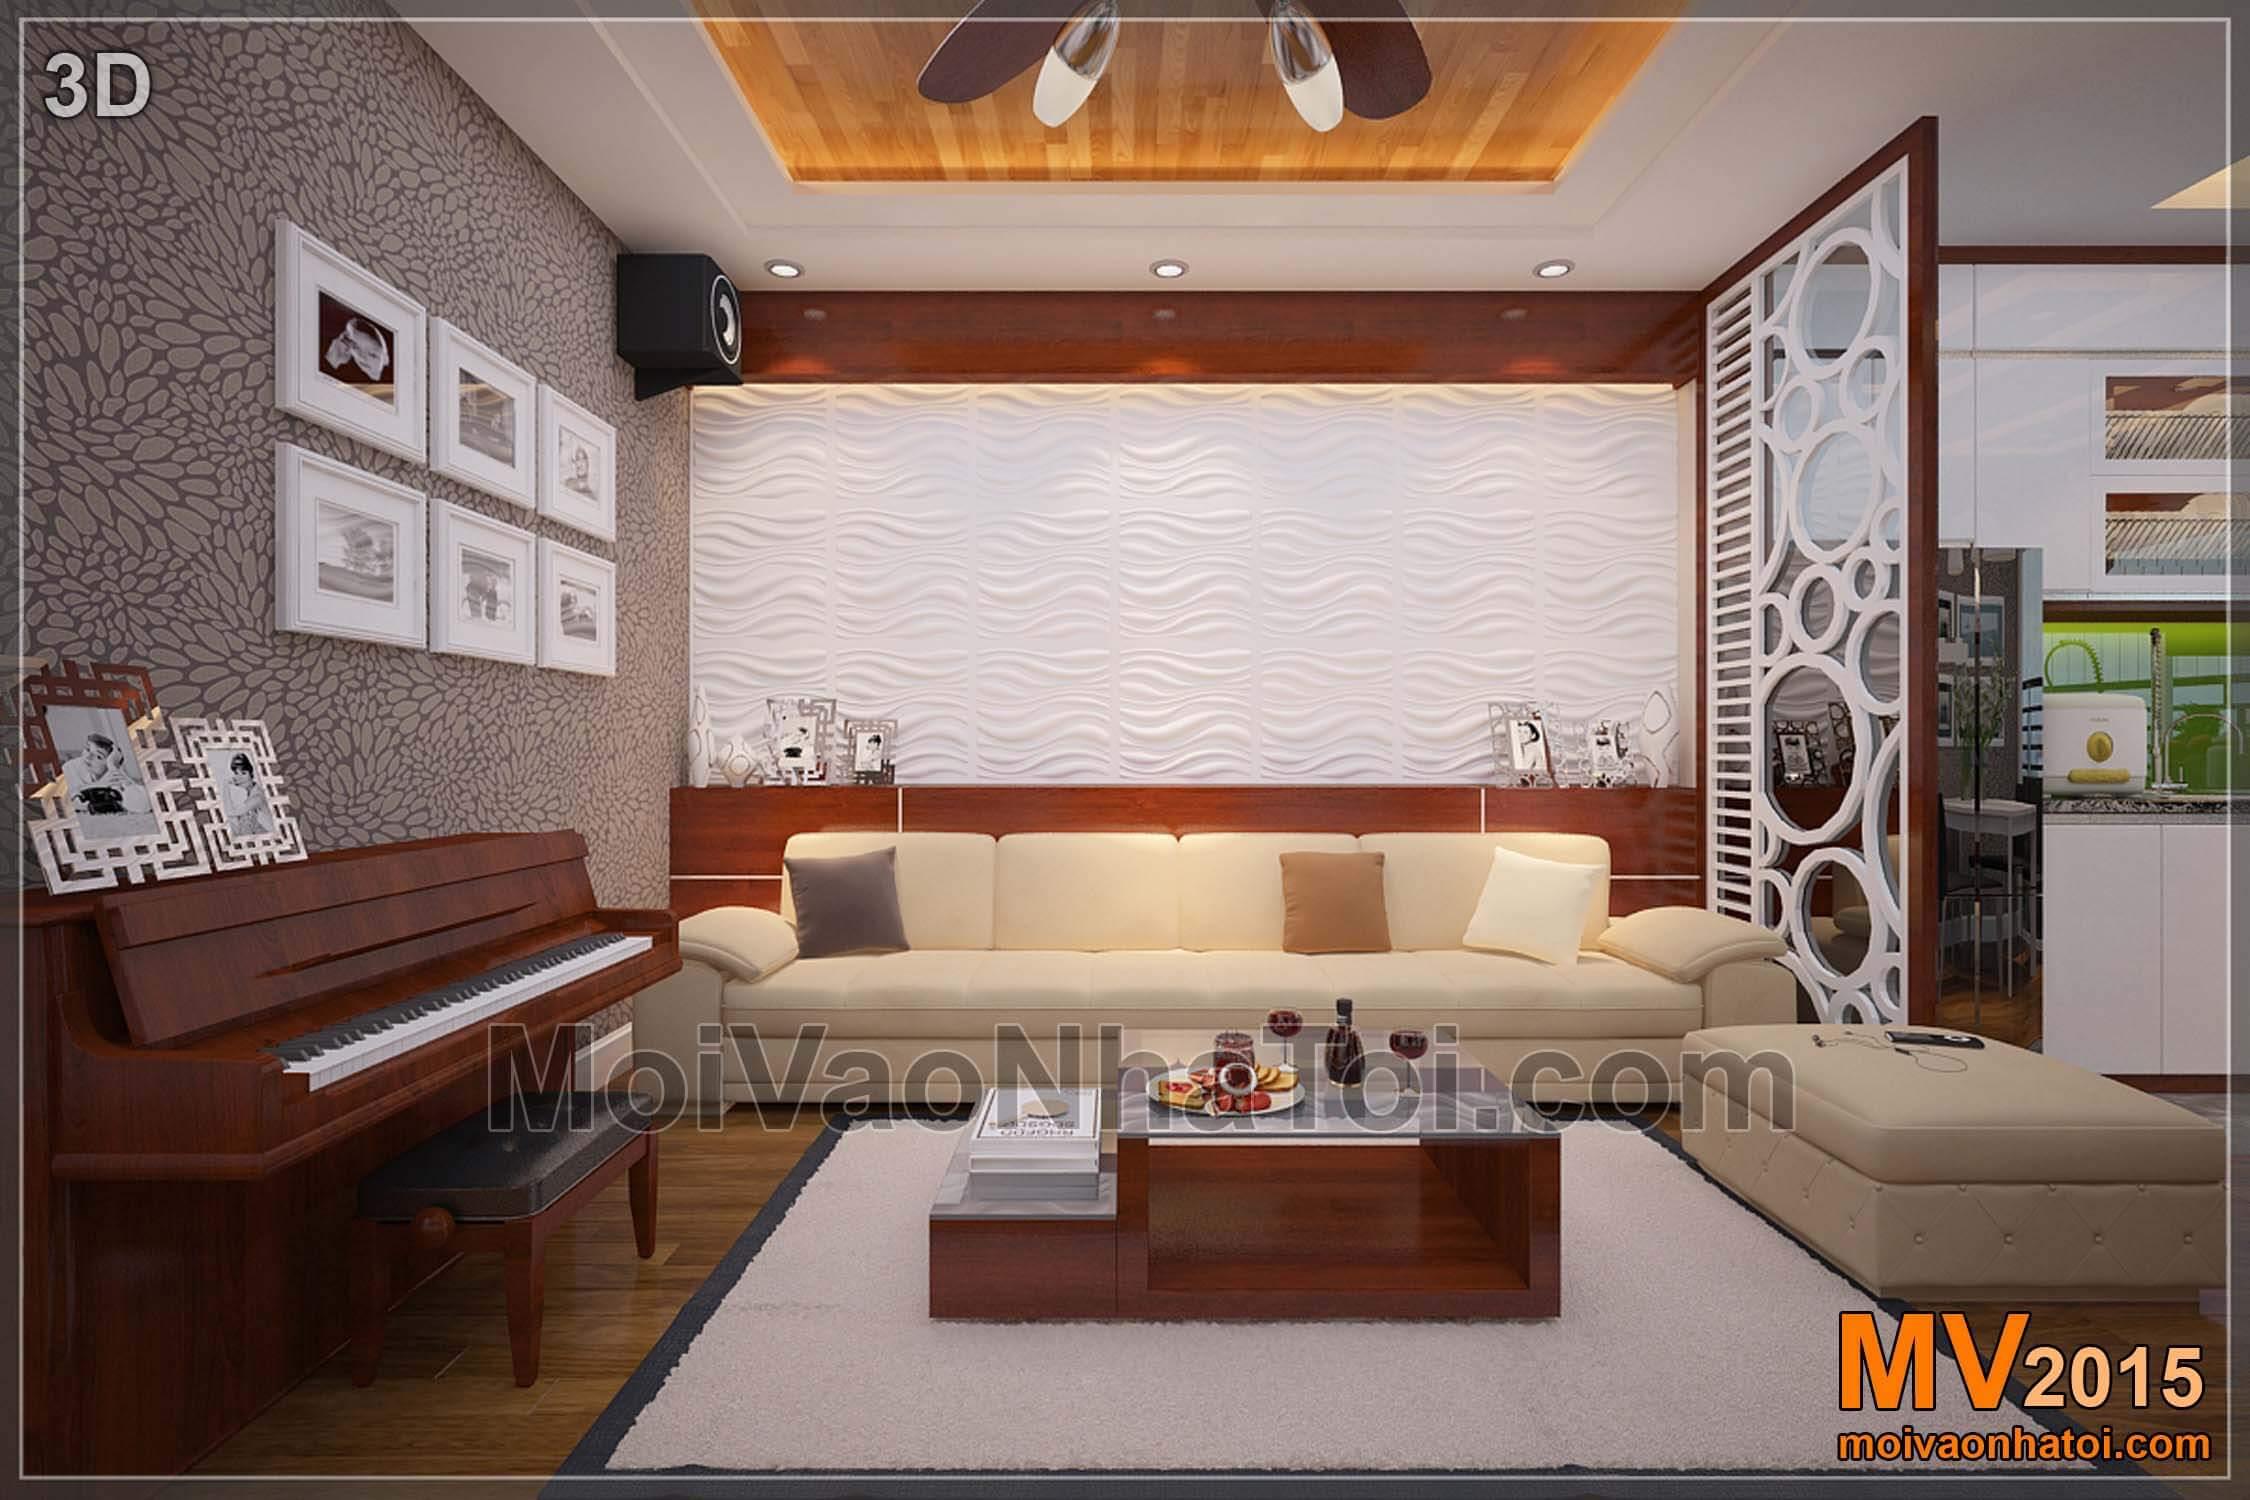 Mảng tường ốp 3D được thiết kế và lắp đặt hợp lý